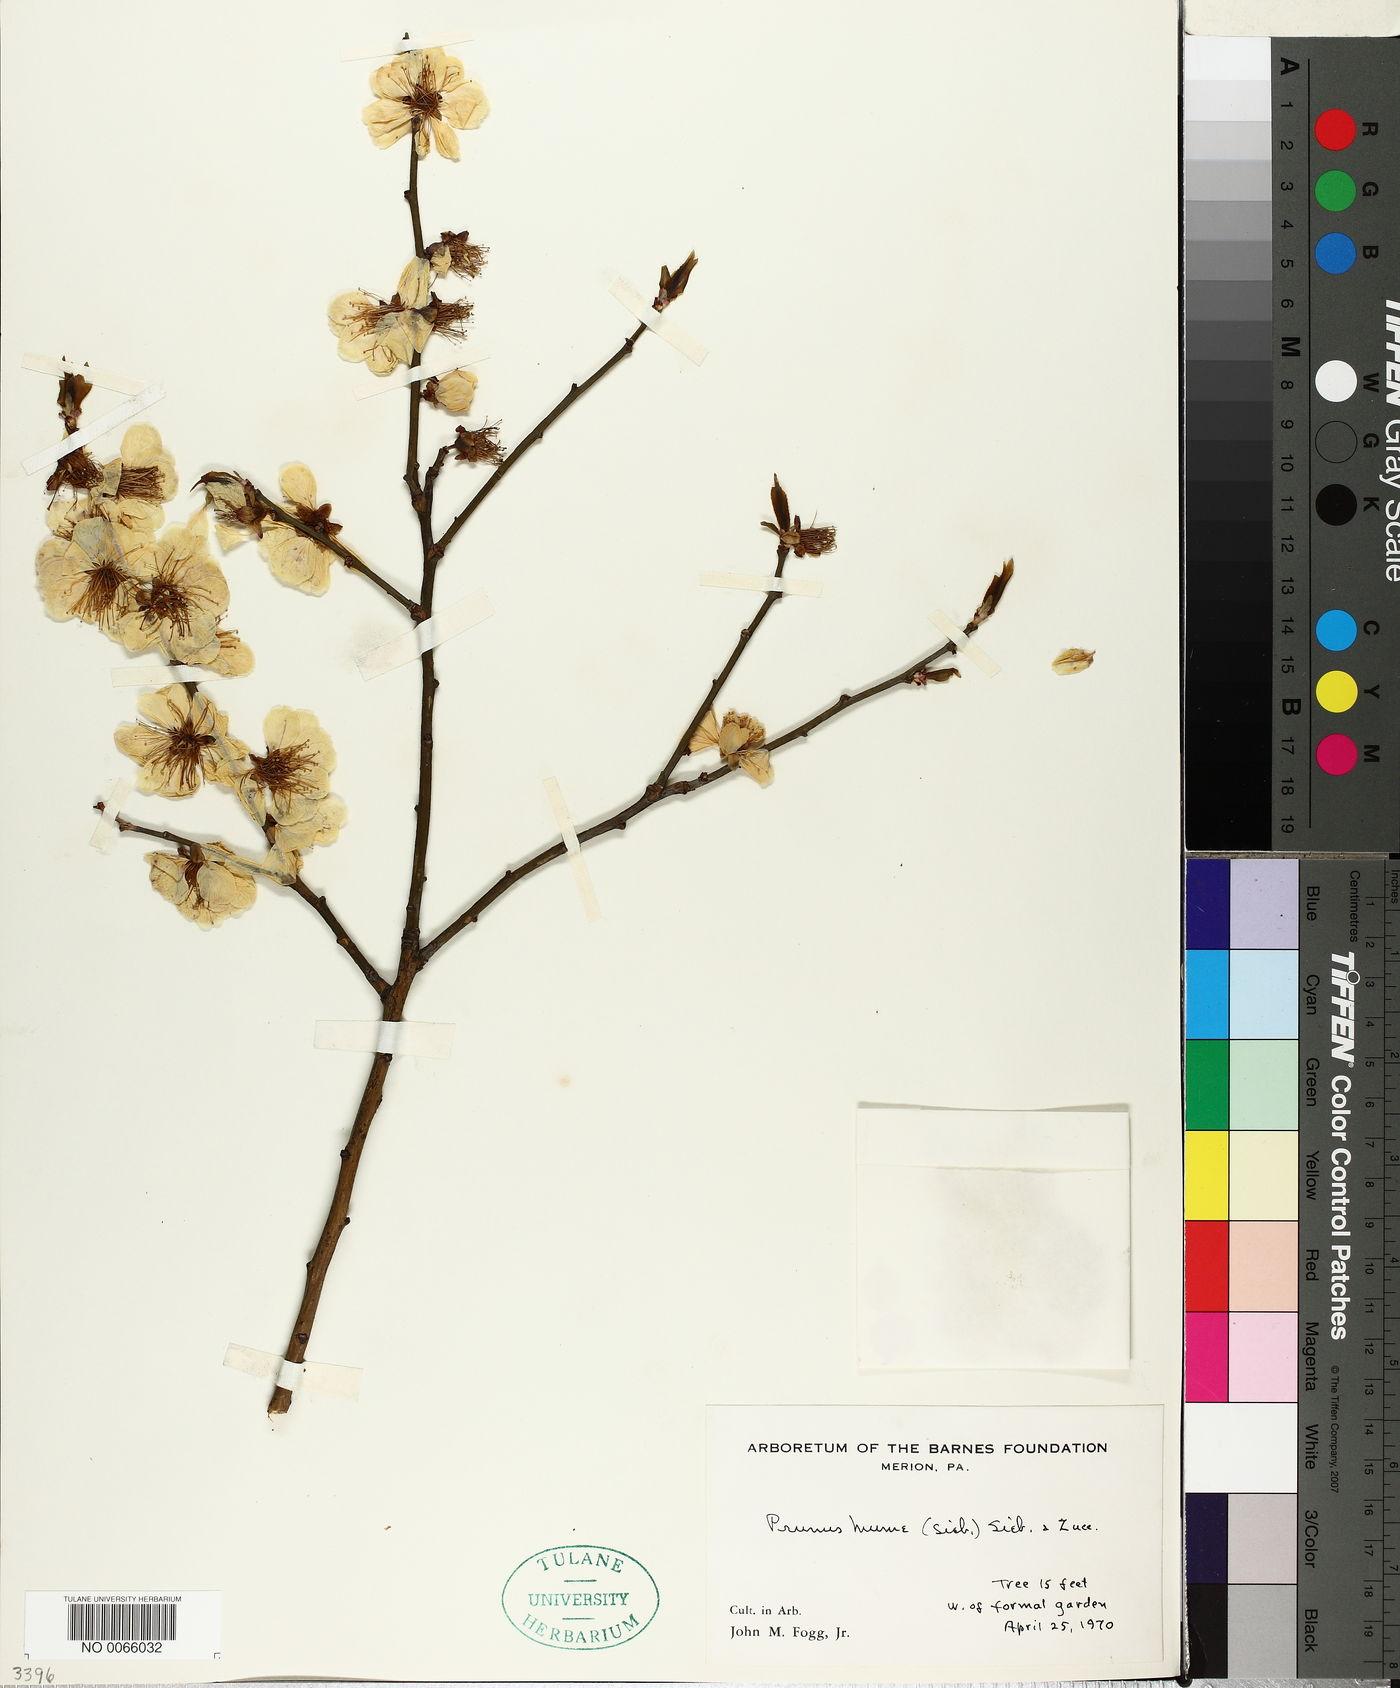 Prunus humilis image